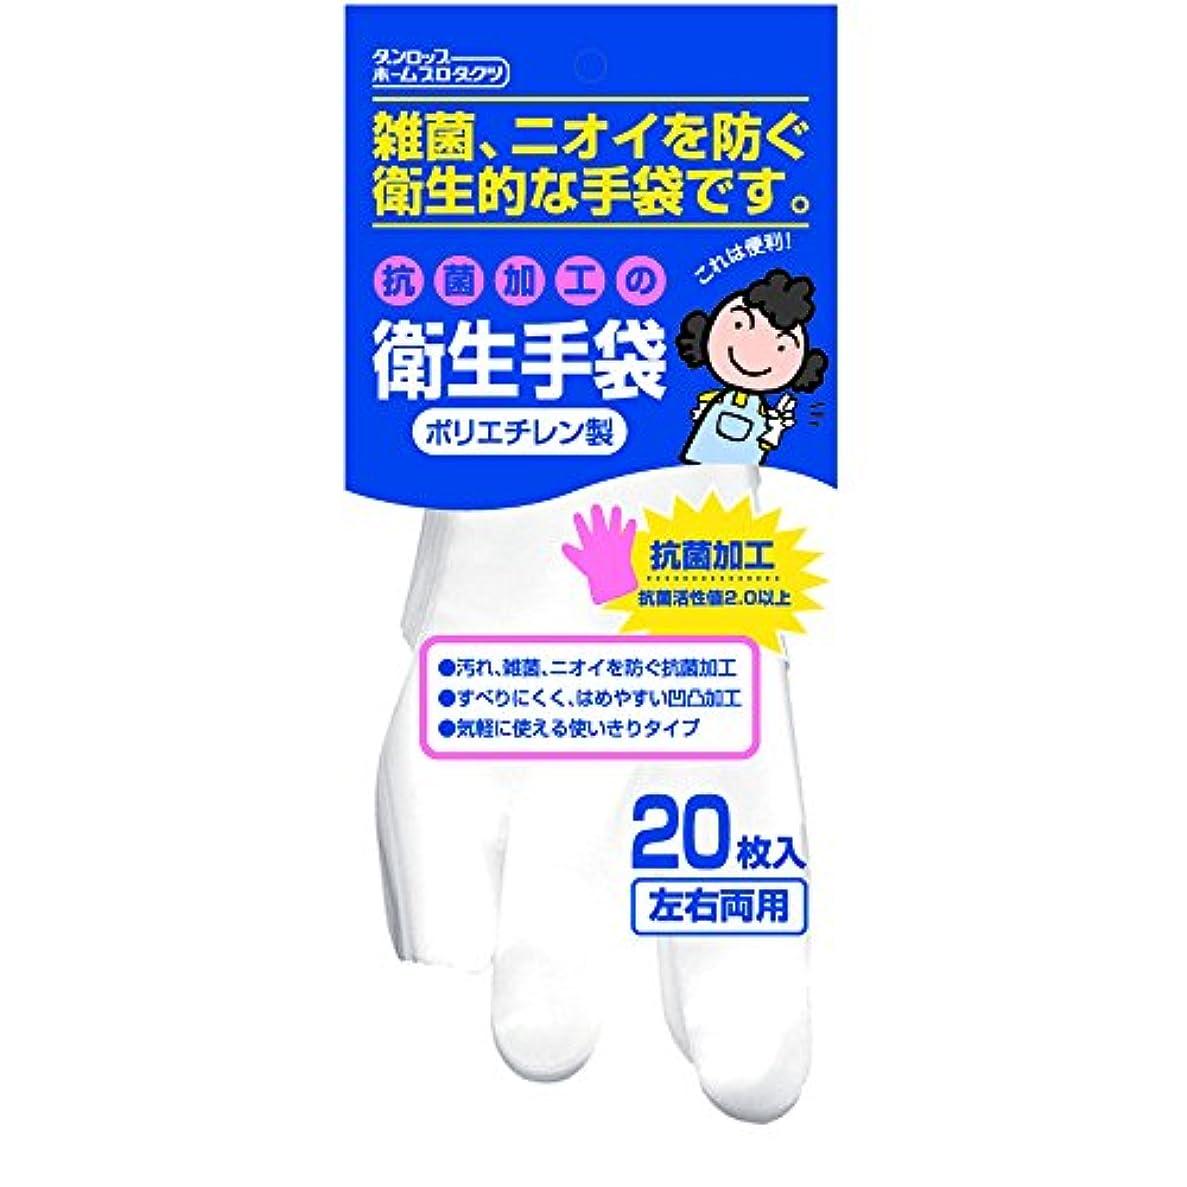 動かすリスナー上向きダンロップ ホームプロダクツ ビニール手袋 ポリエチレン 衛生 抗菌 クリア フリー 雑菌 ニオイを防ぐ衛生的な手袋  20枚入